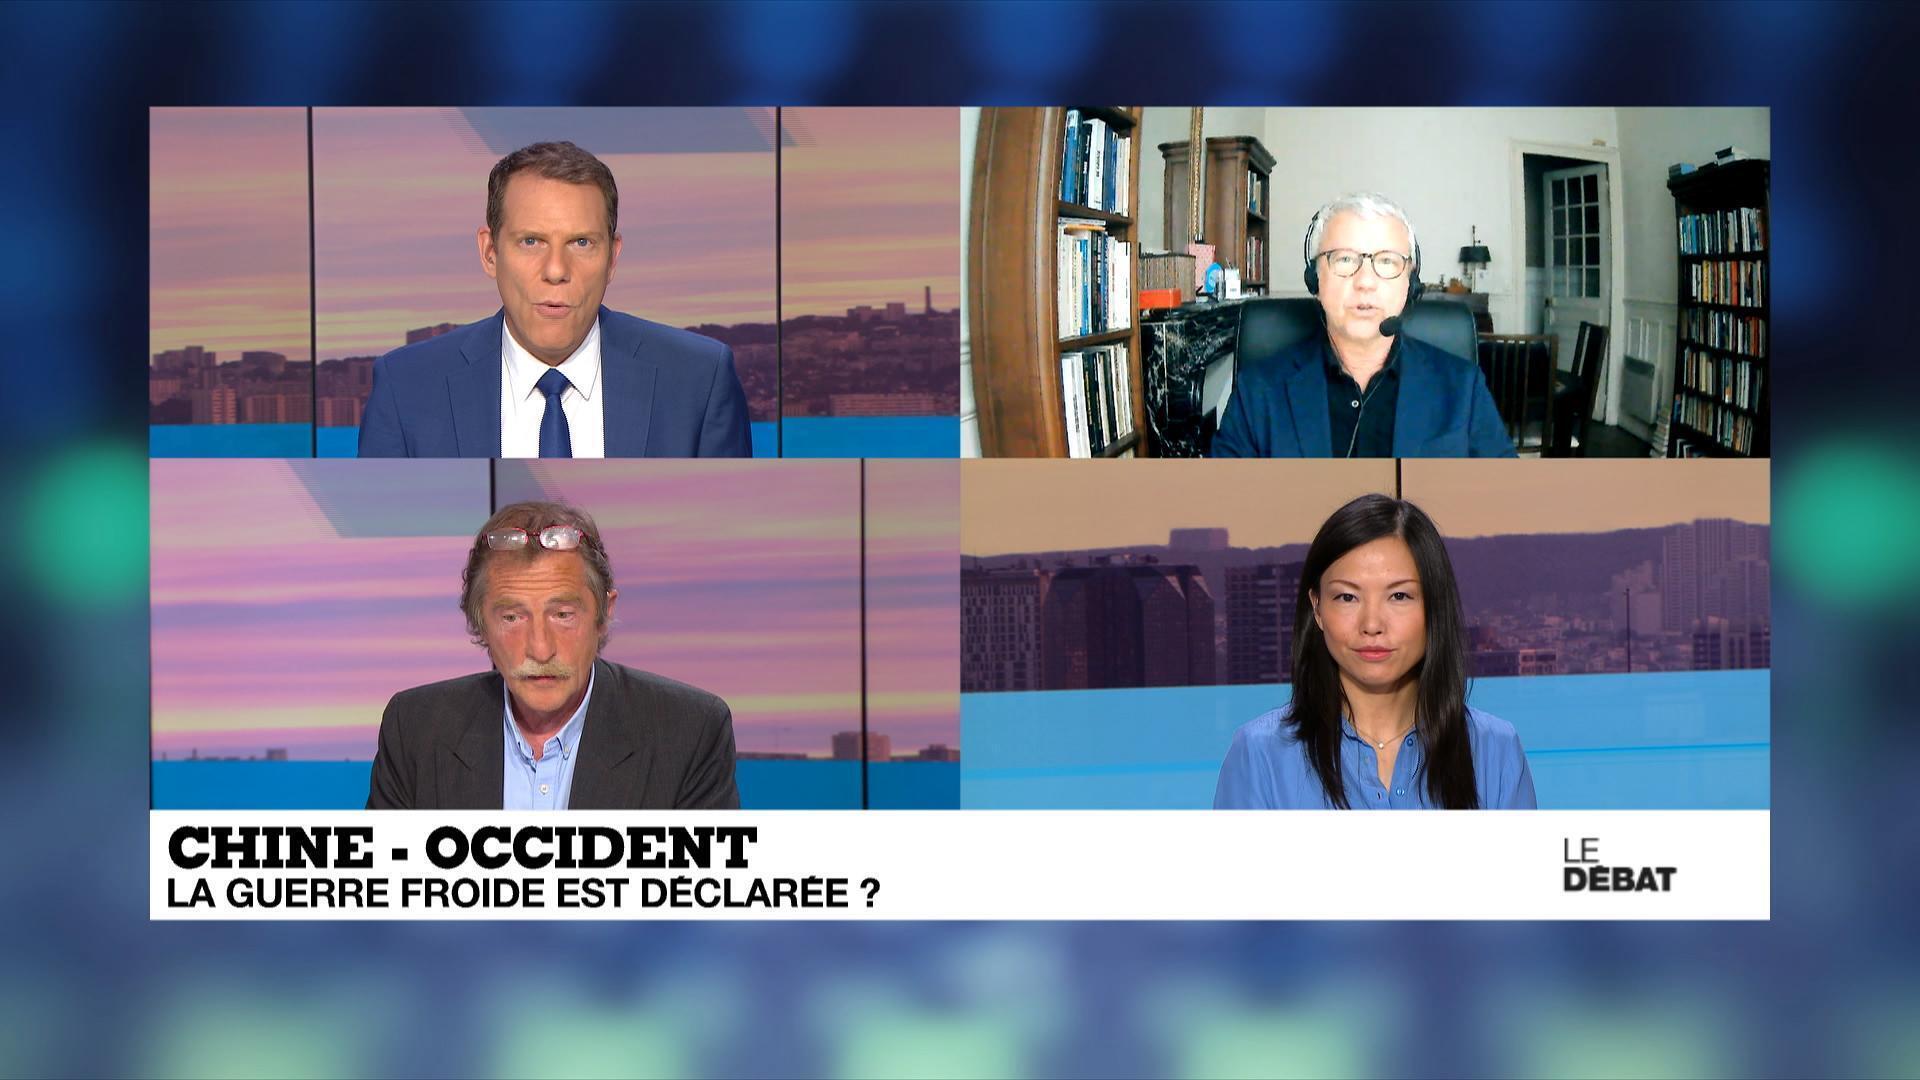 Le Débat de France 24 - mercredi 15 juillet 2020